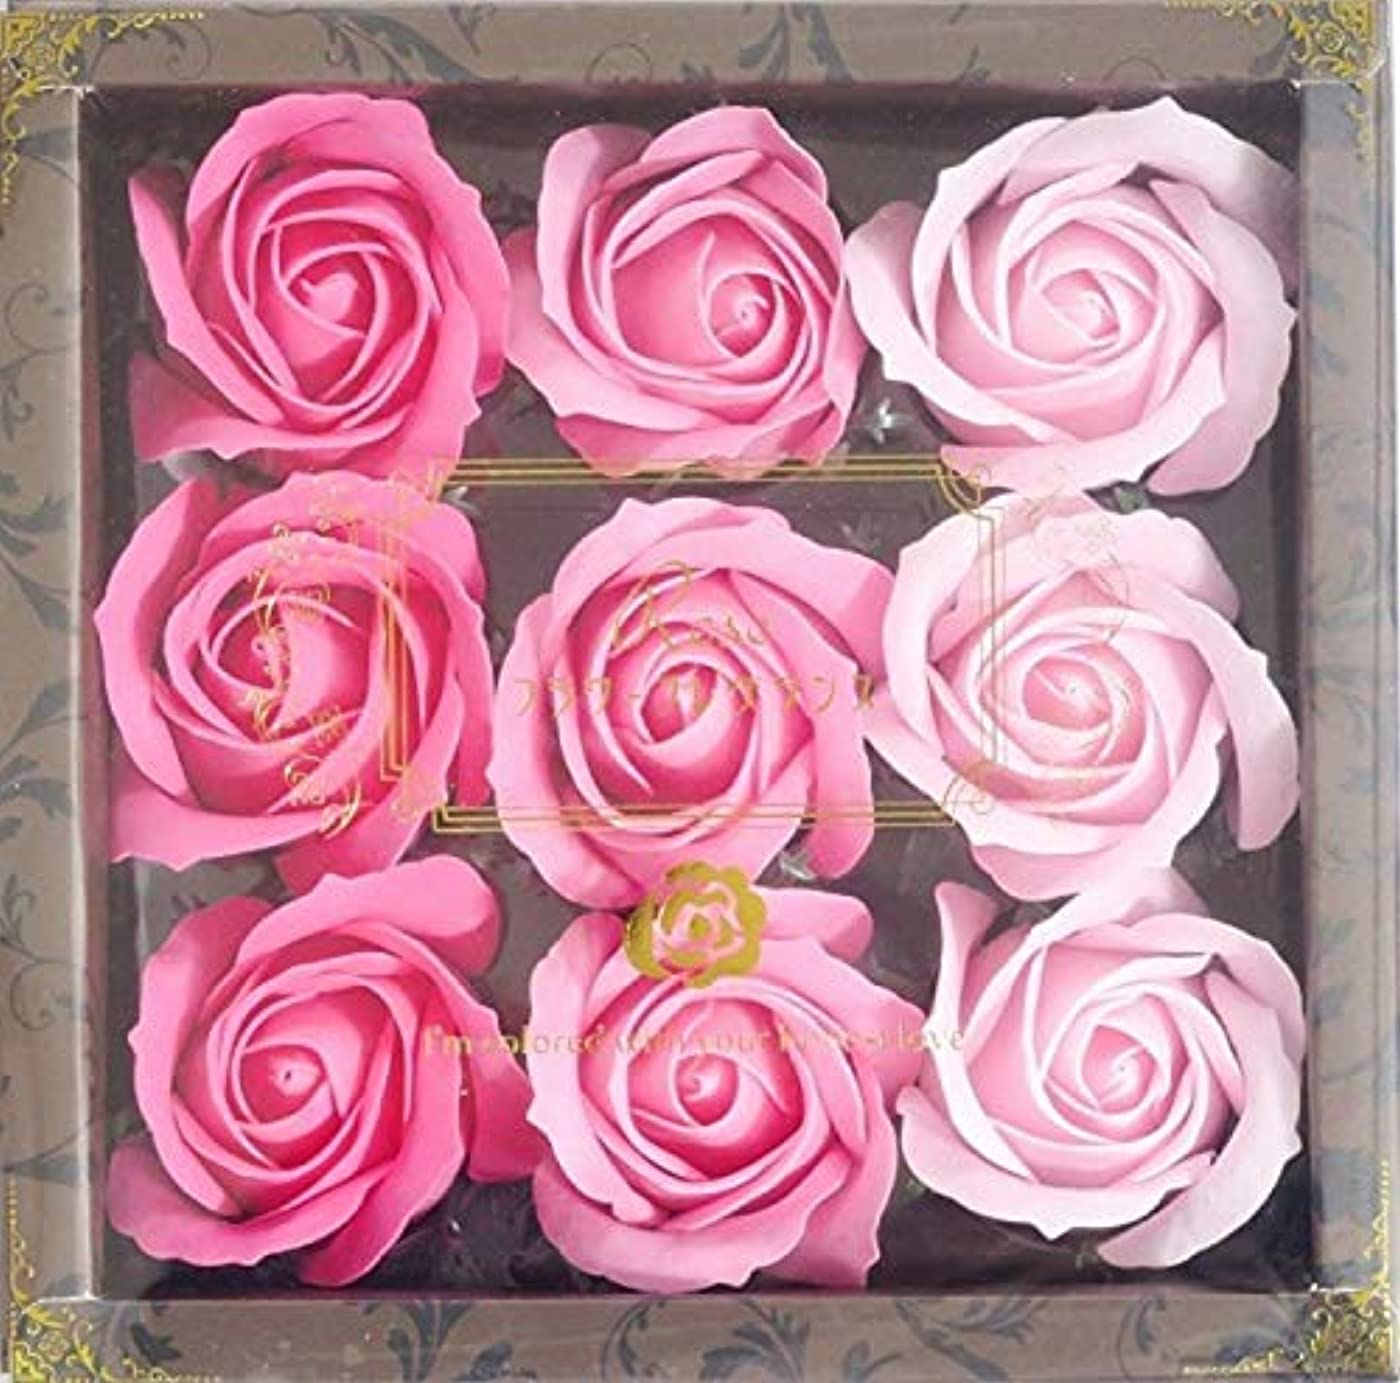 出発正しくエスカレーターバスフレグランス バスフラワー ローズフレグランス ピンクカラー お花の形の入浴剤 プレゼント ばら ギフト